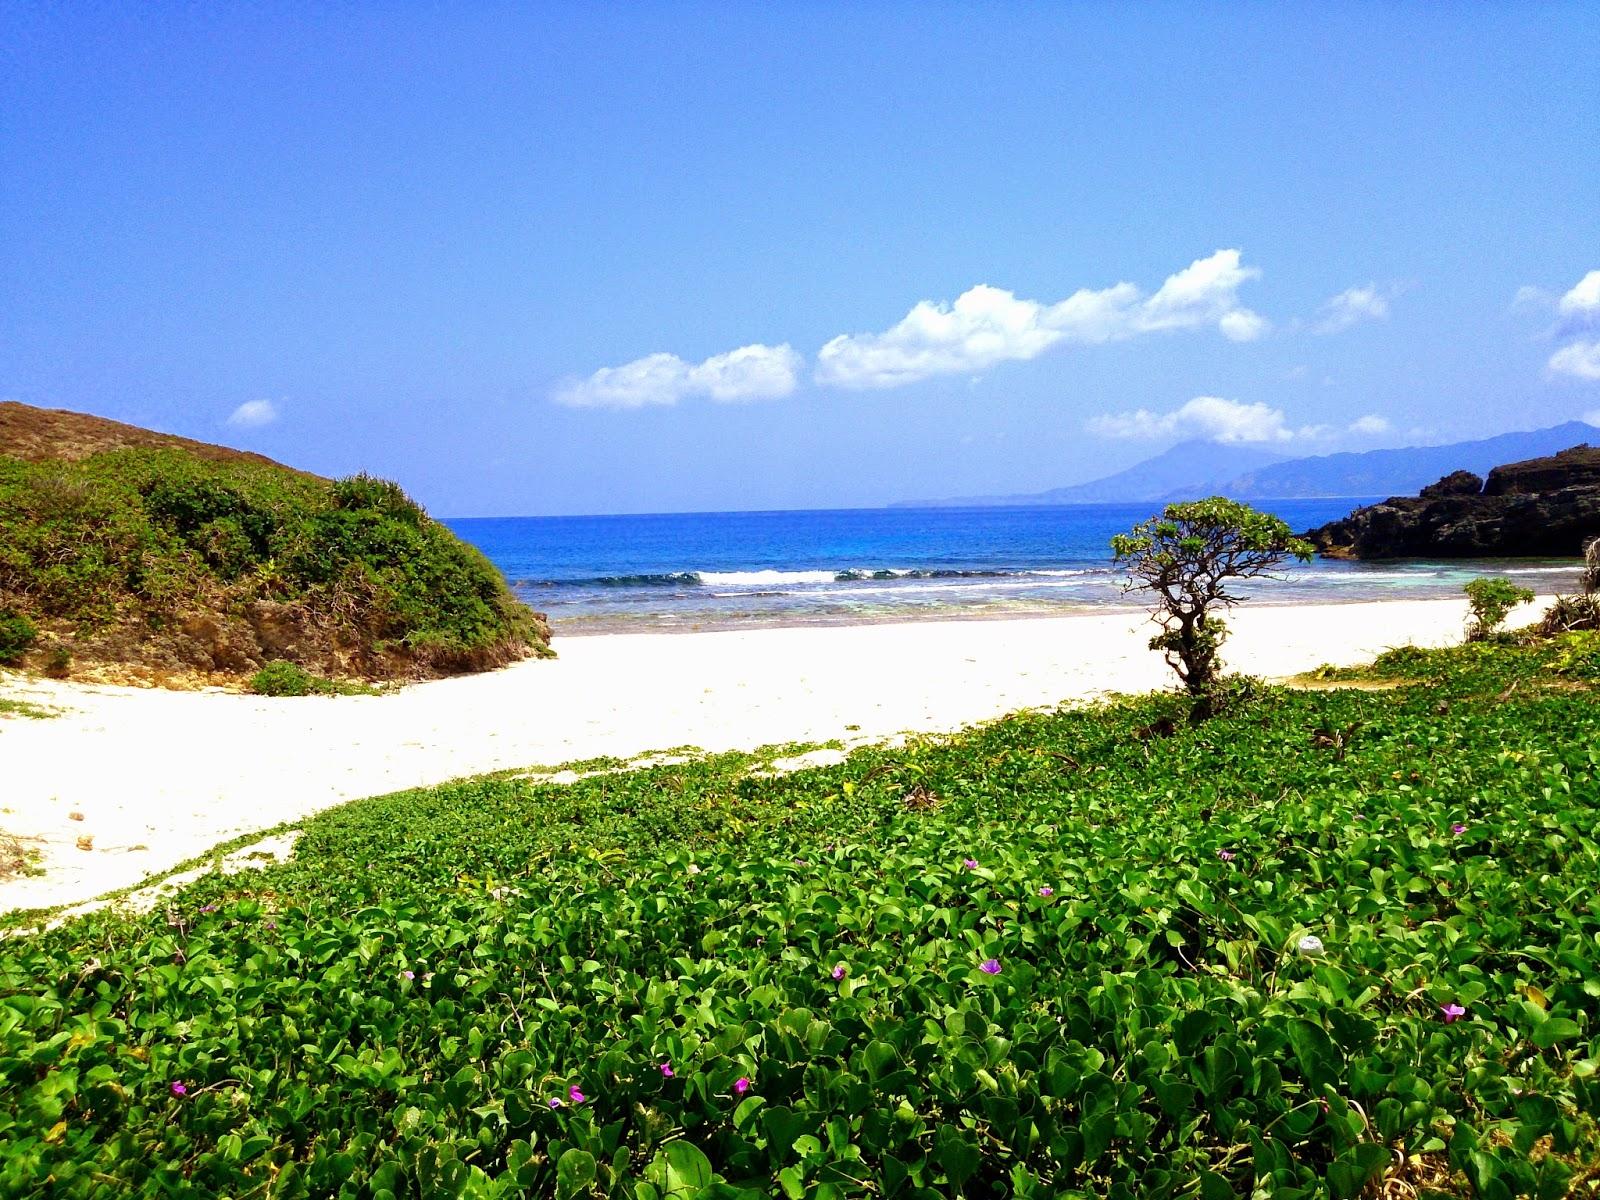 Nakabuang Beach and Arch, Sabtang Island, Batanes